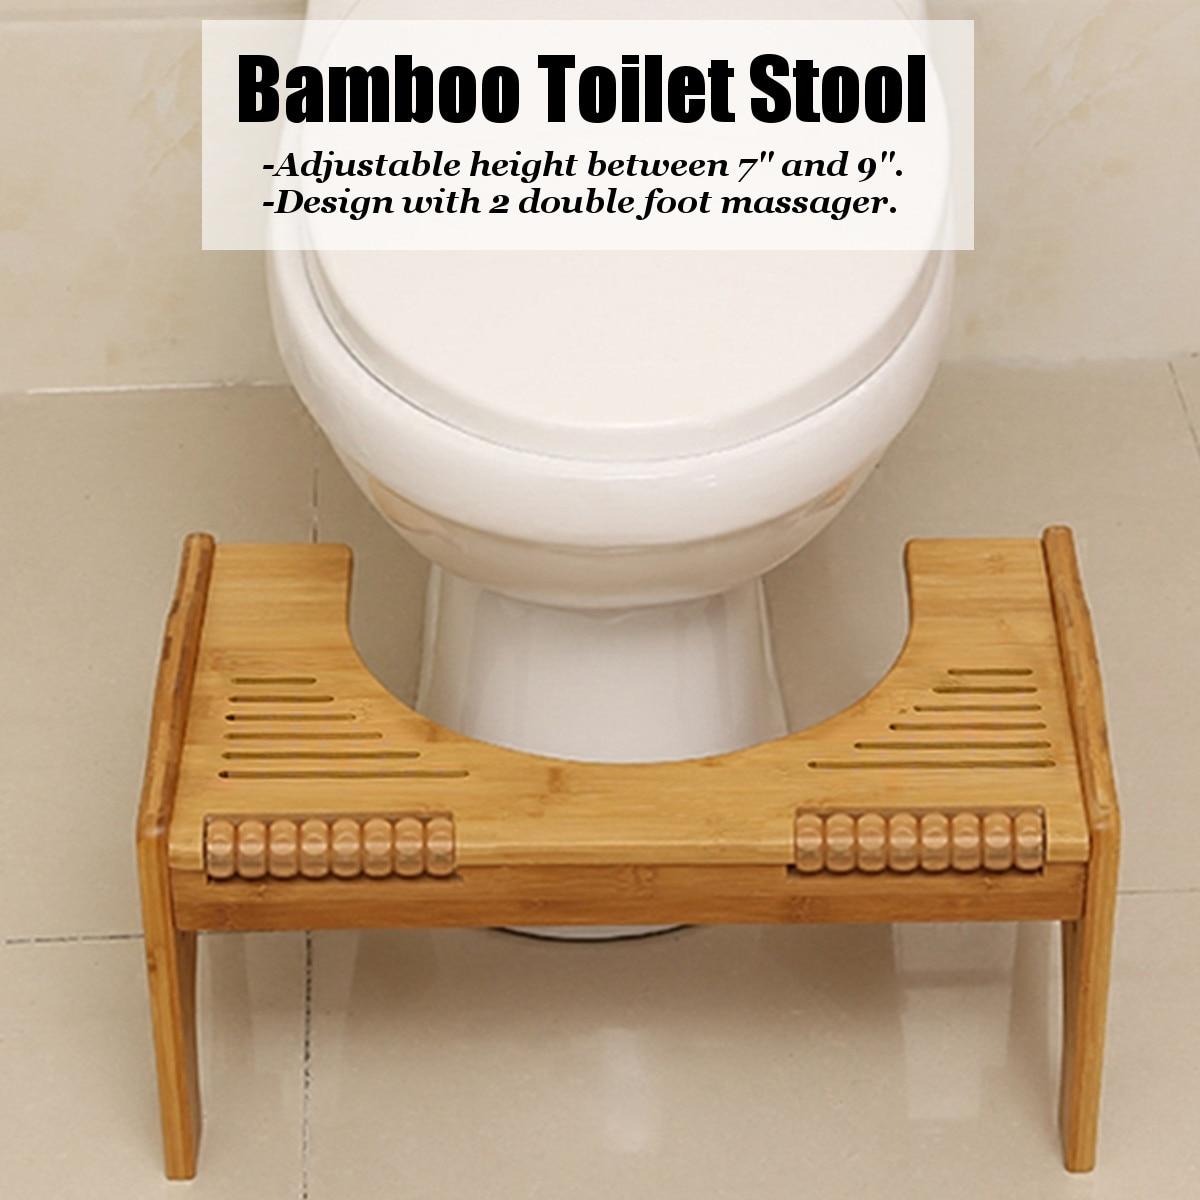 En bois épaissir rond toilette pied tabouret maison croupe trou banc outil personnes âgées Constipation Assistant salle de bains pot étape pied tabouret